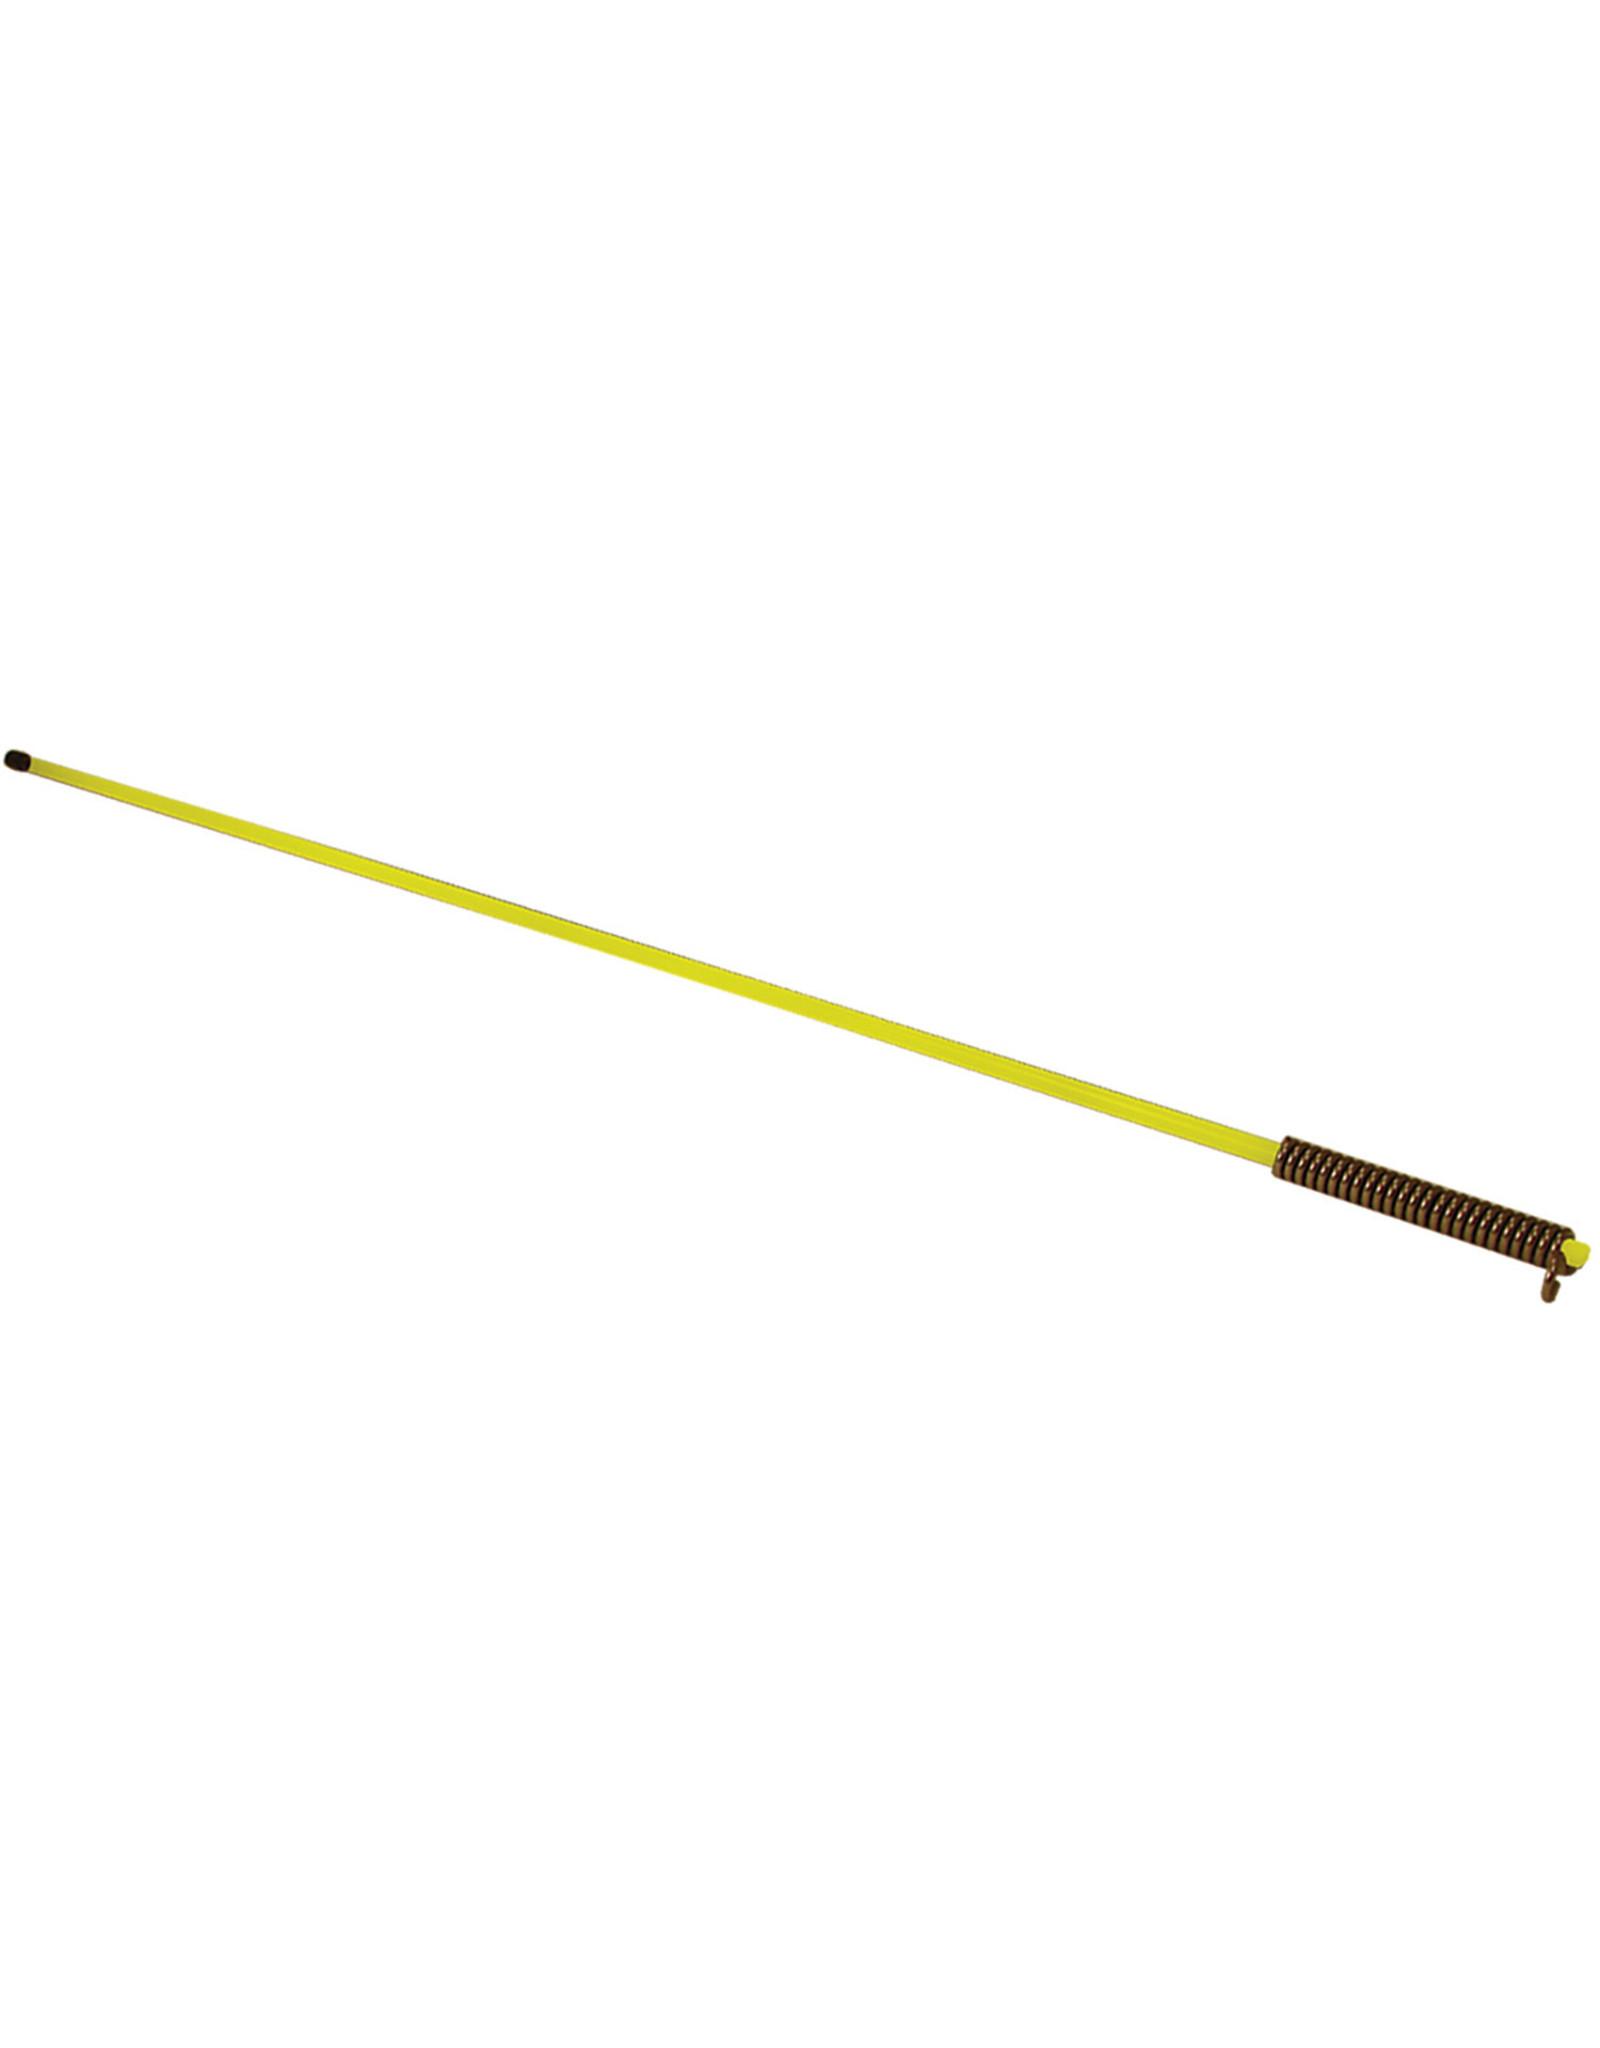 Malone Malone Fiberglass Safety Pole